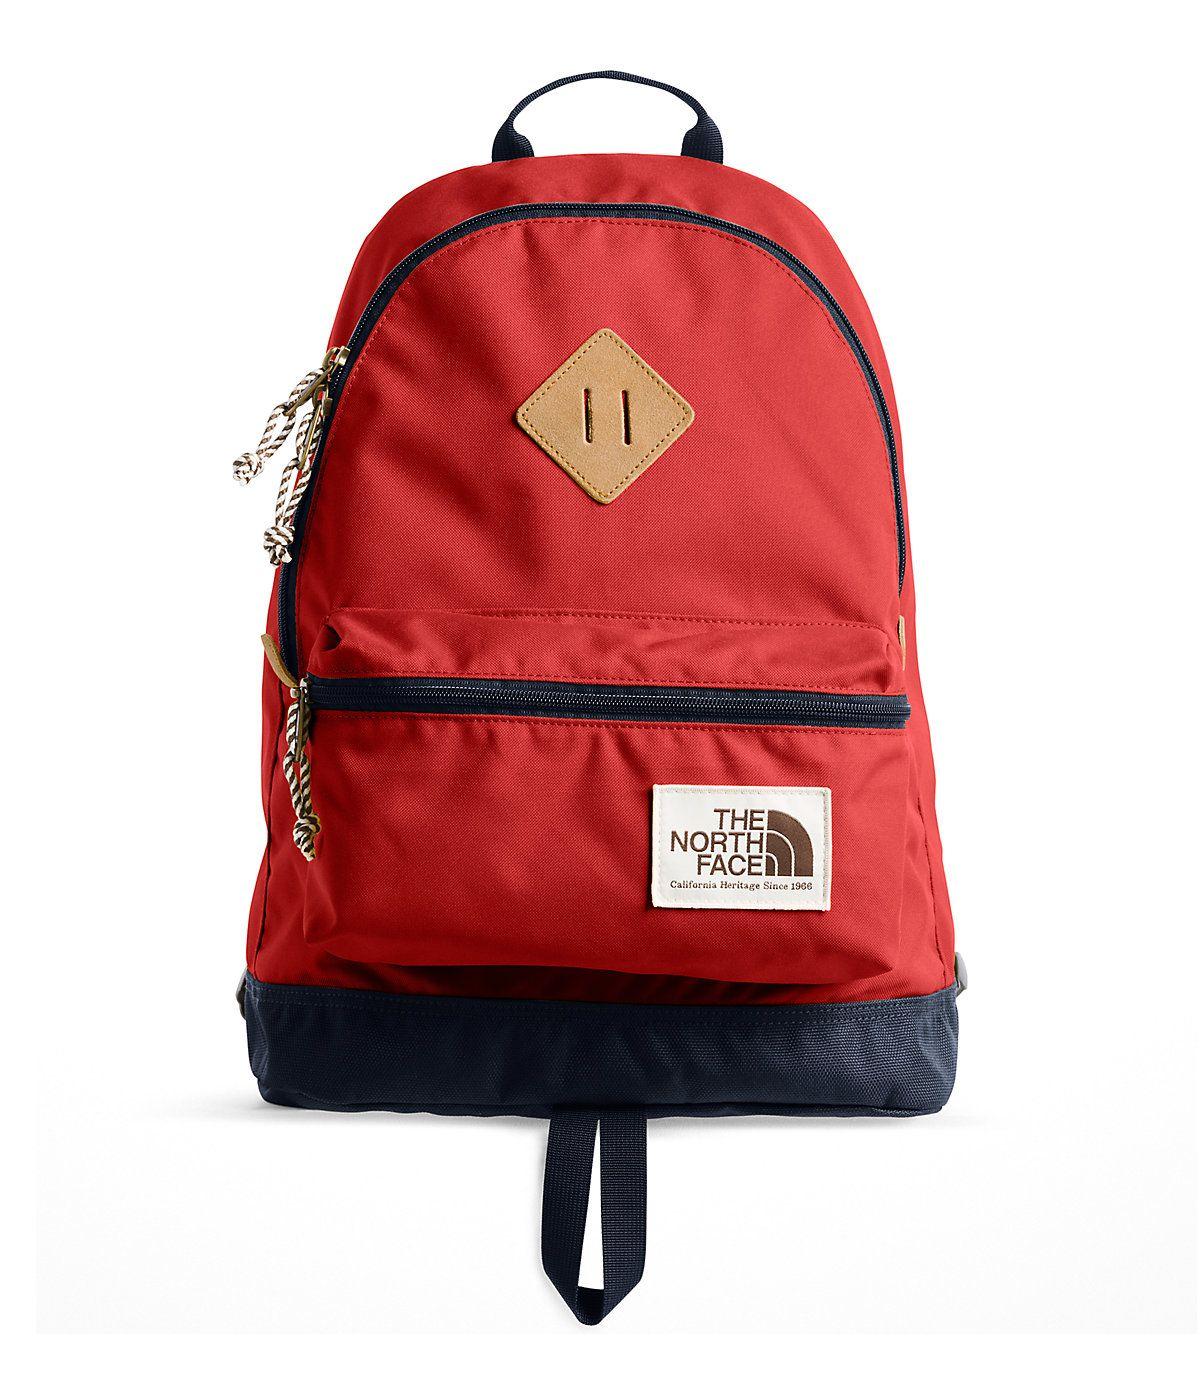 Mini berkeley backpack in 2019   Products   Backpacks, Mini, Brand guide 016241b3f9